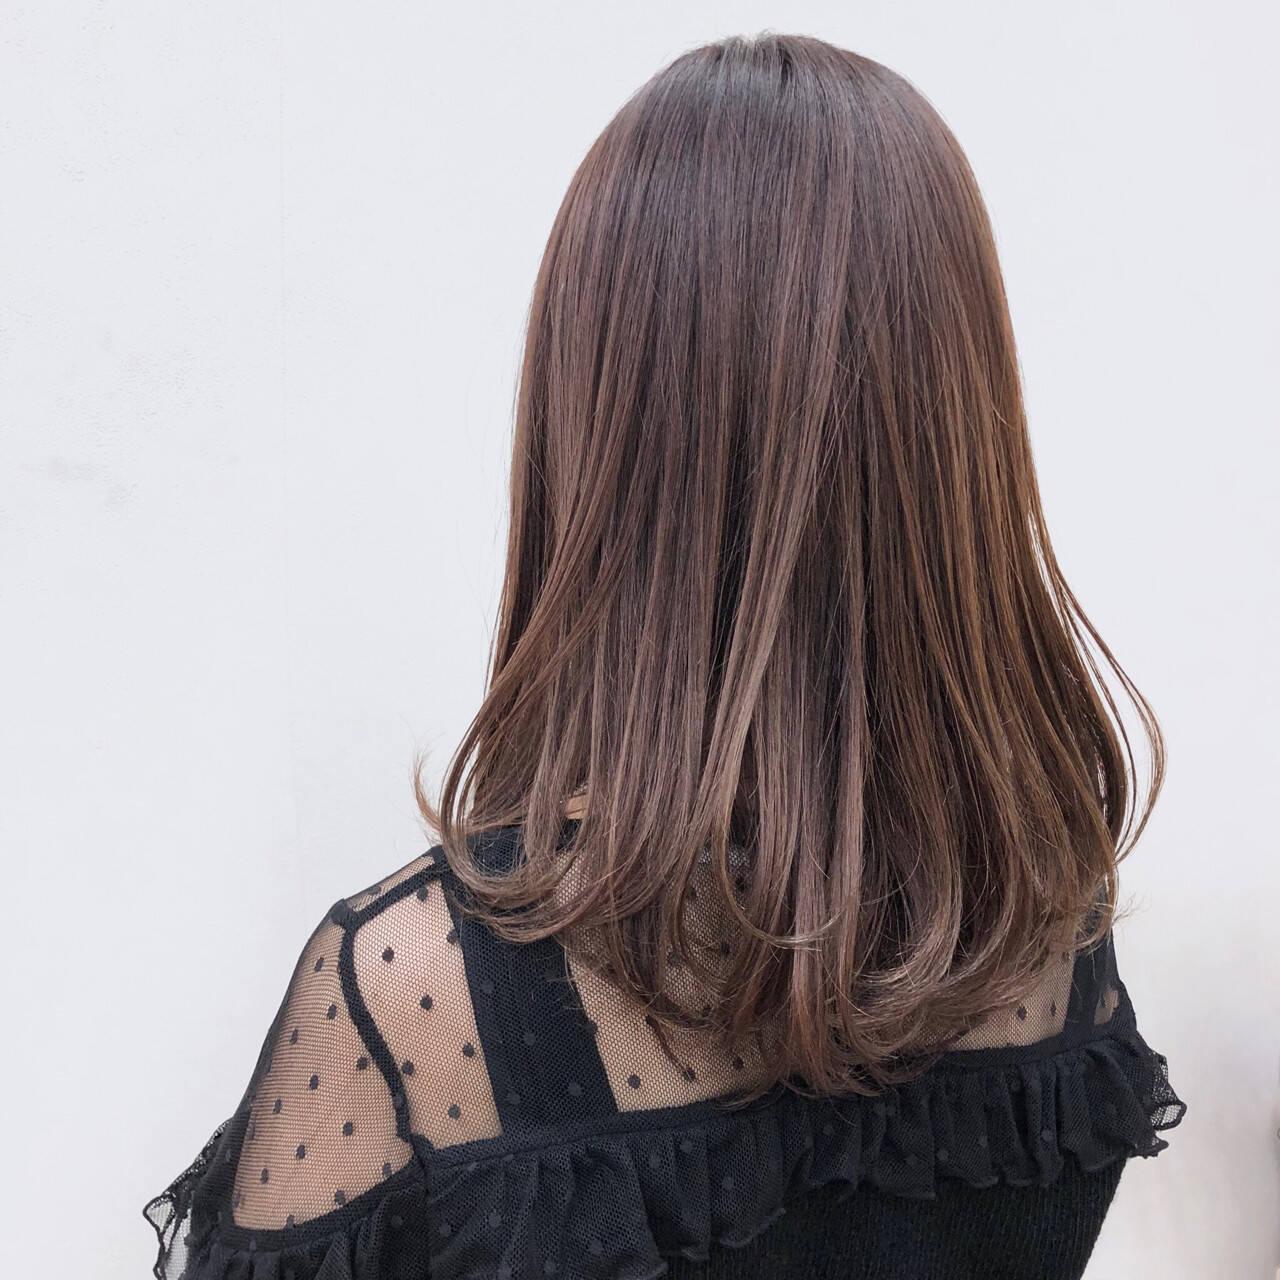 セミロング 艶髪 レッド ピンクヘアスタイルや髪型の写真・画像